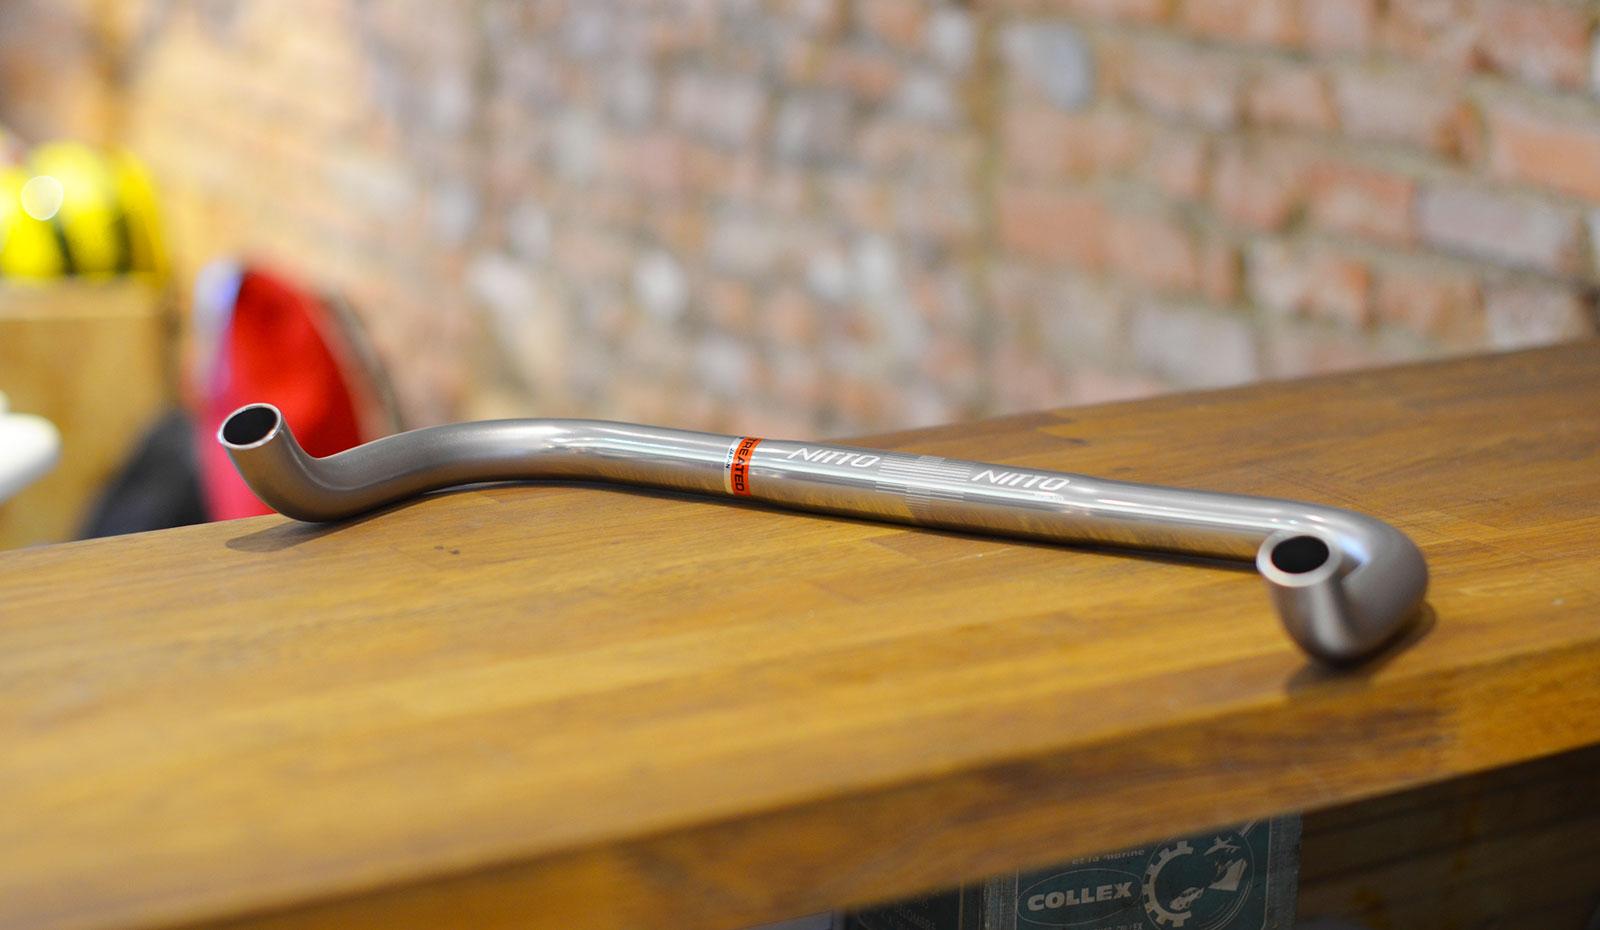 nitto-rb-018-ht-bullhorn